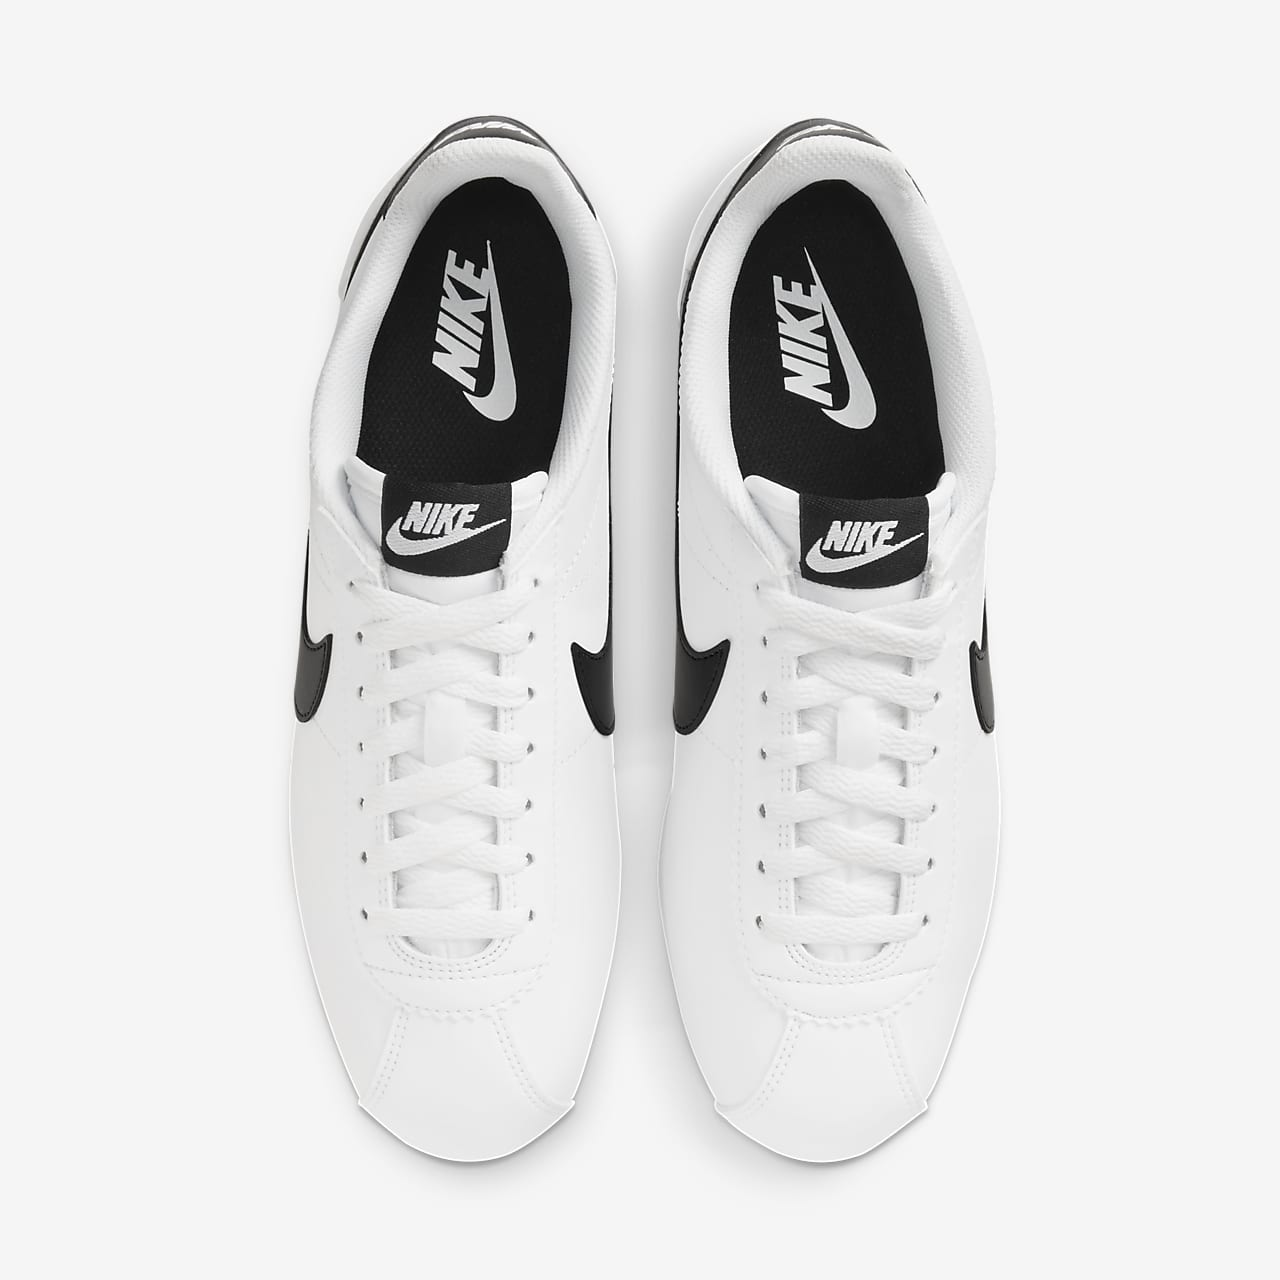 nike classic cortez womens shoe nikecom